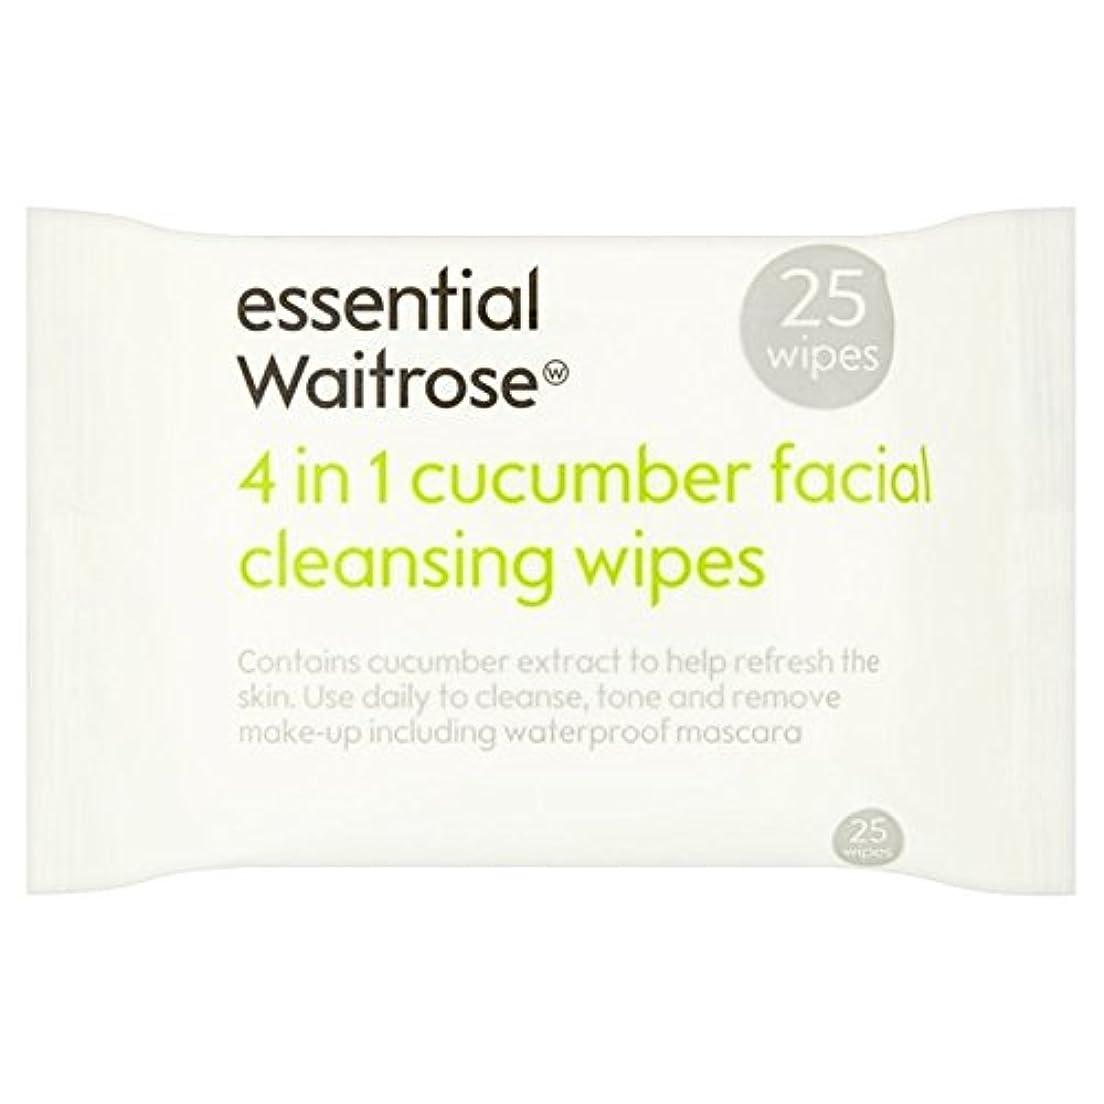 ミケランジェロさびた非常に怒っていますキュウリ顔のワイプパックあたり不可欠ウェイトローズ25 x2 - Cucumber Facial Wipes essential Waitrose 25 per pack (Pack of 2) [並行輸入品]